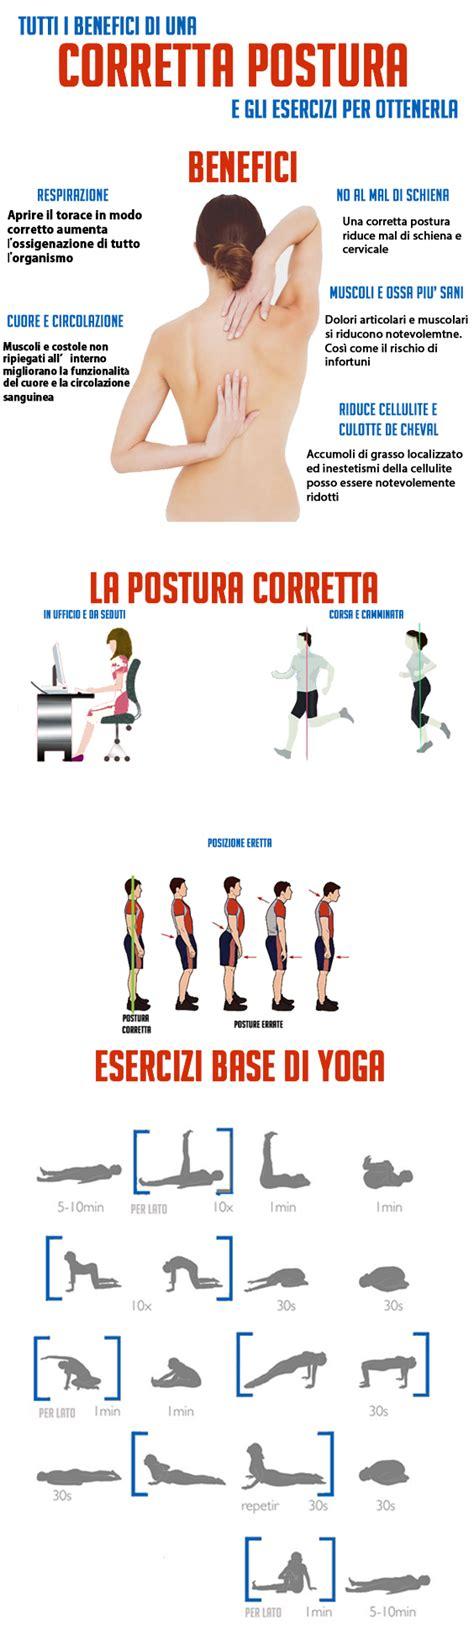 postura corretta da seduti postura corretta tutti i benefici workout italia